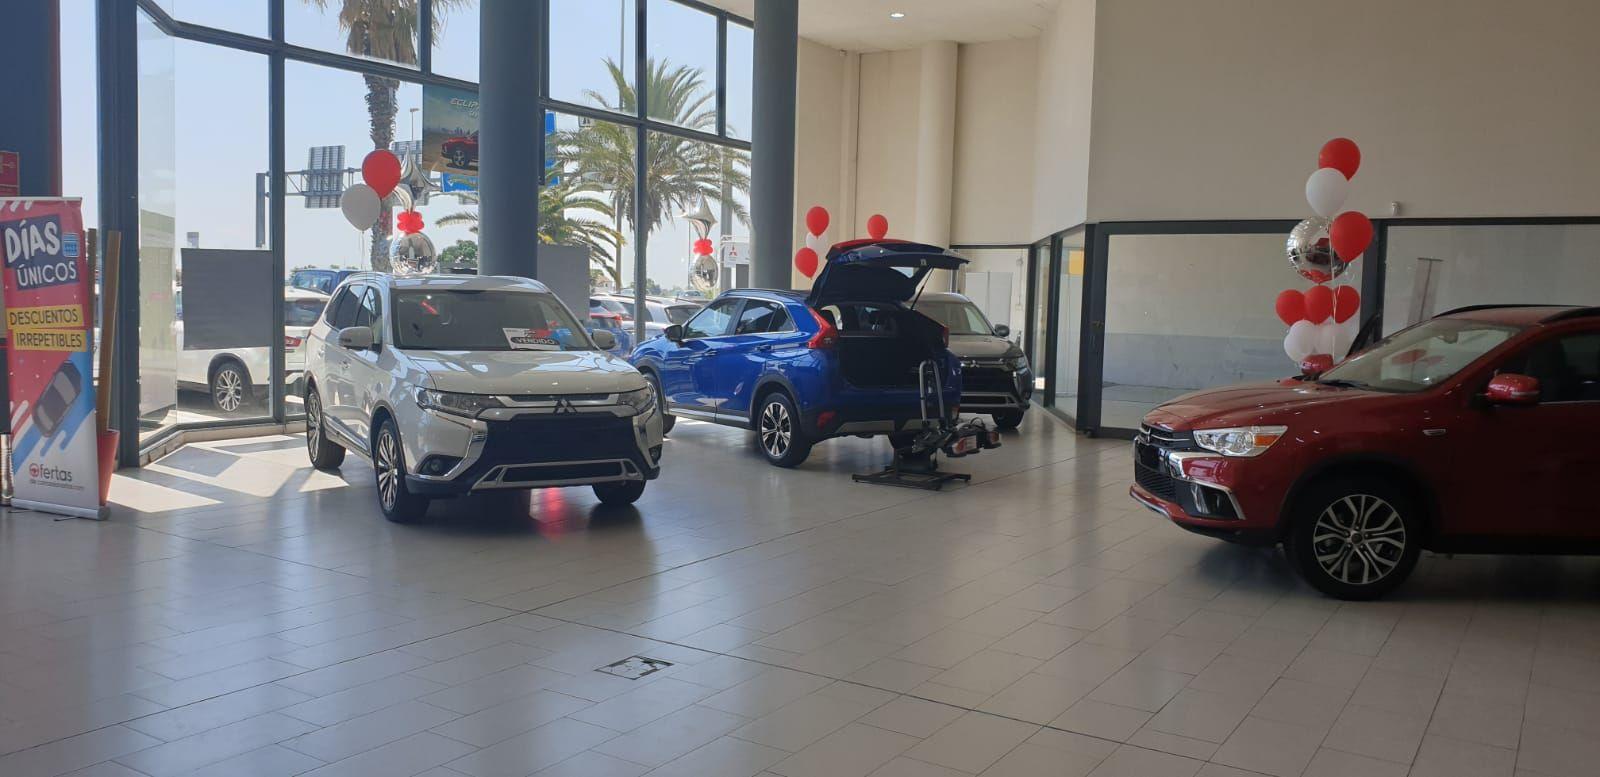 Días Únicos en Mitsubishi Levante